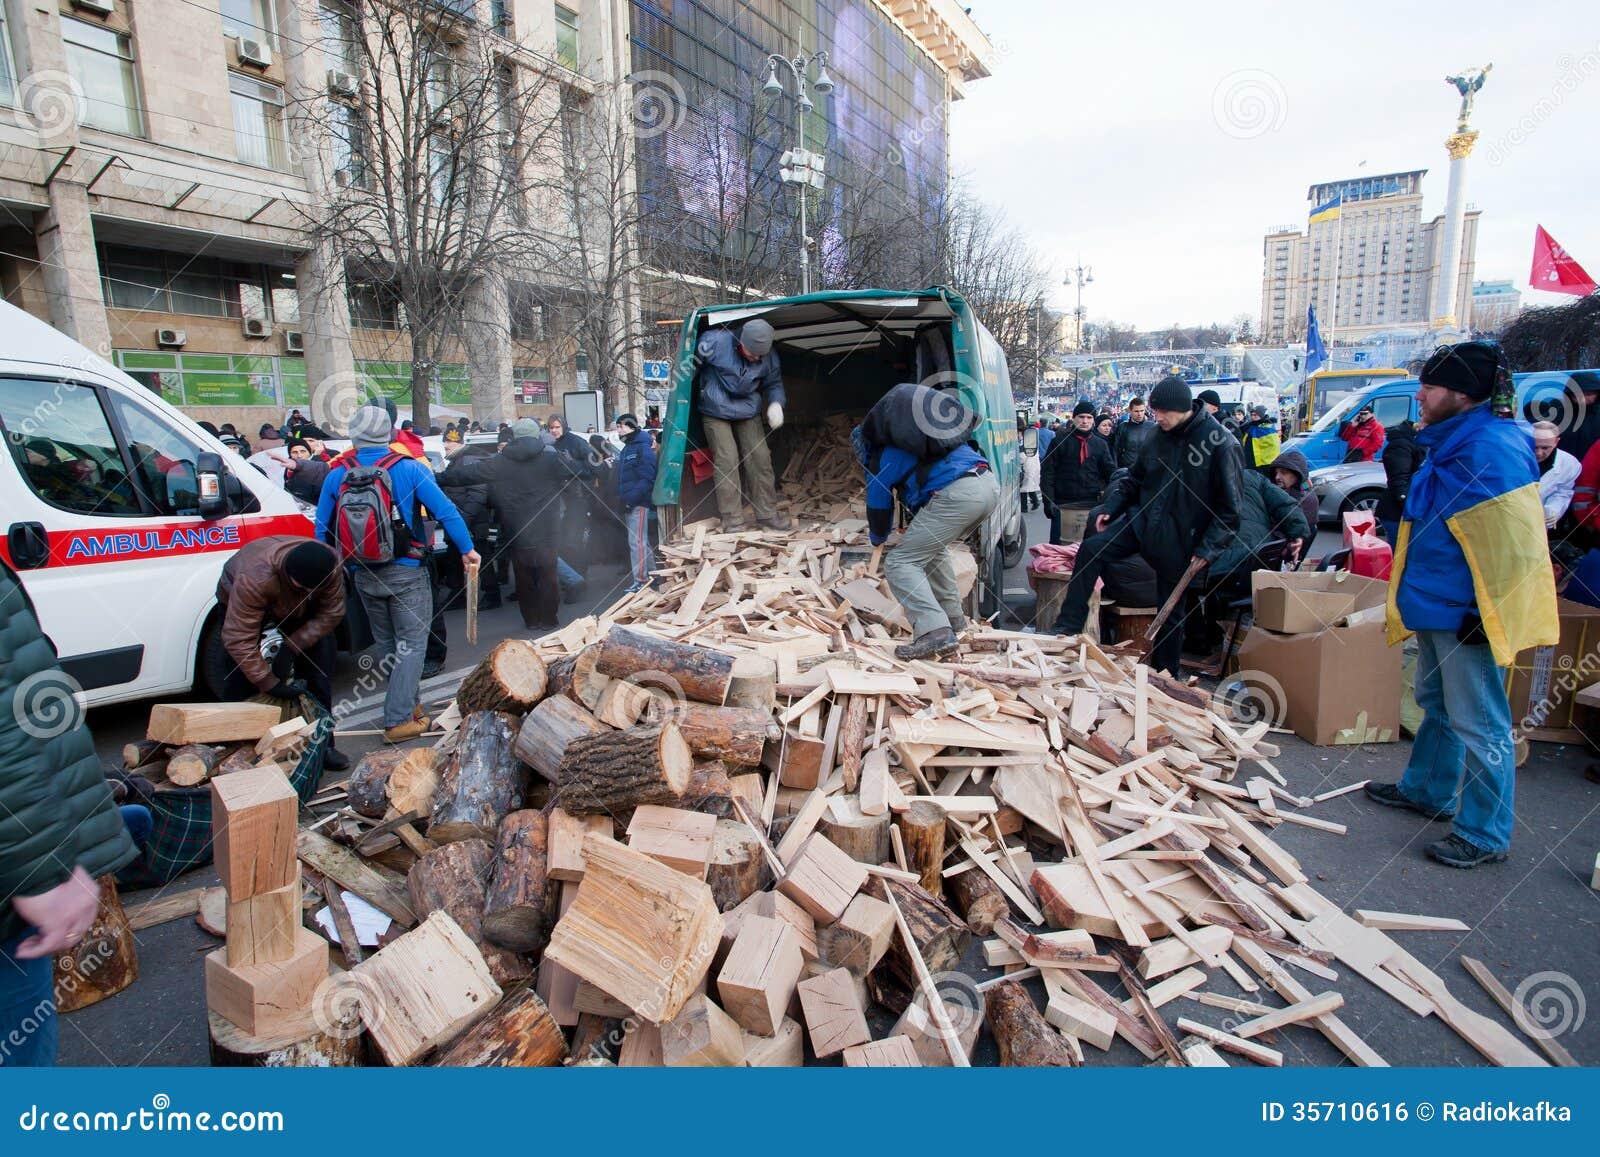 KYIV  UKRAINE  People harvest wood for fires  occupying main Maidan    Ukraine People